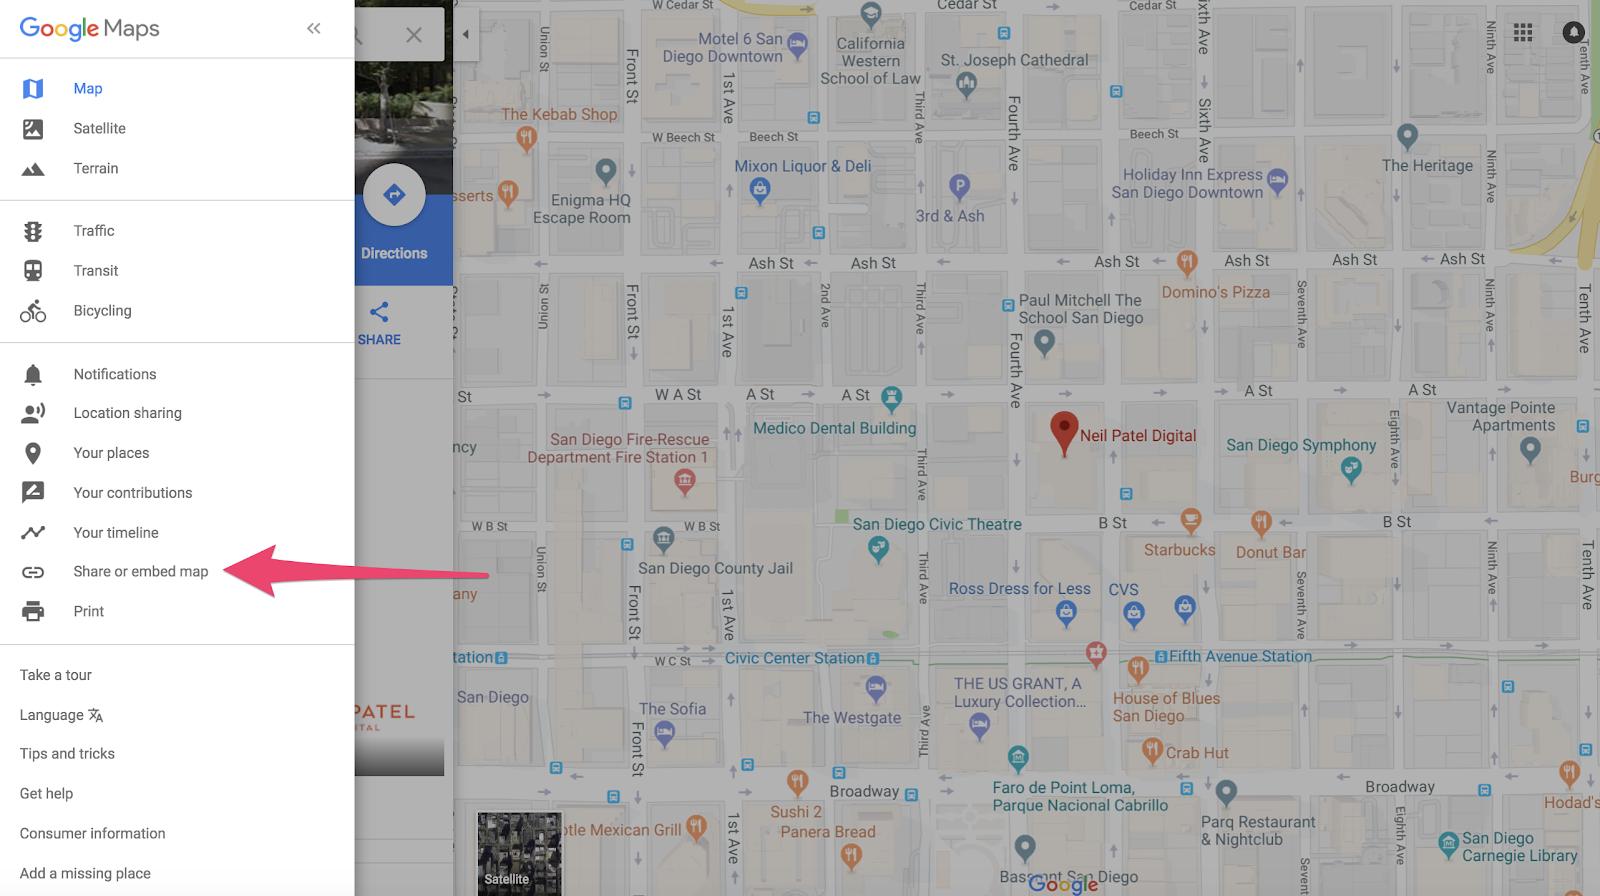 """Paso de integración / uso compartido de mapas para reclamar una empresa en Google """"class ="""" wp-image-58742 """"width ="""" 700 """"height ="""" 448"""